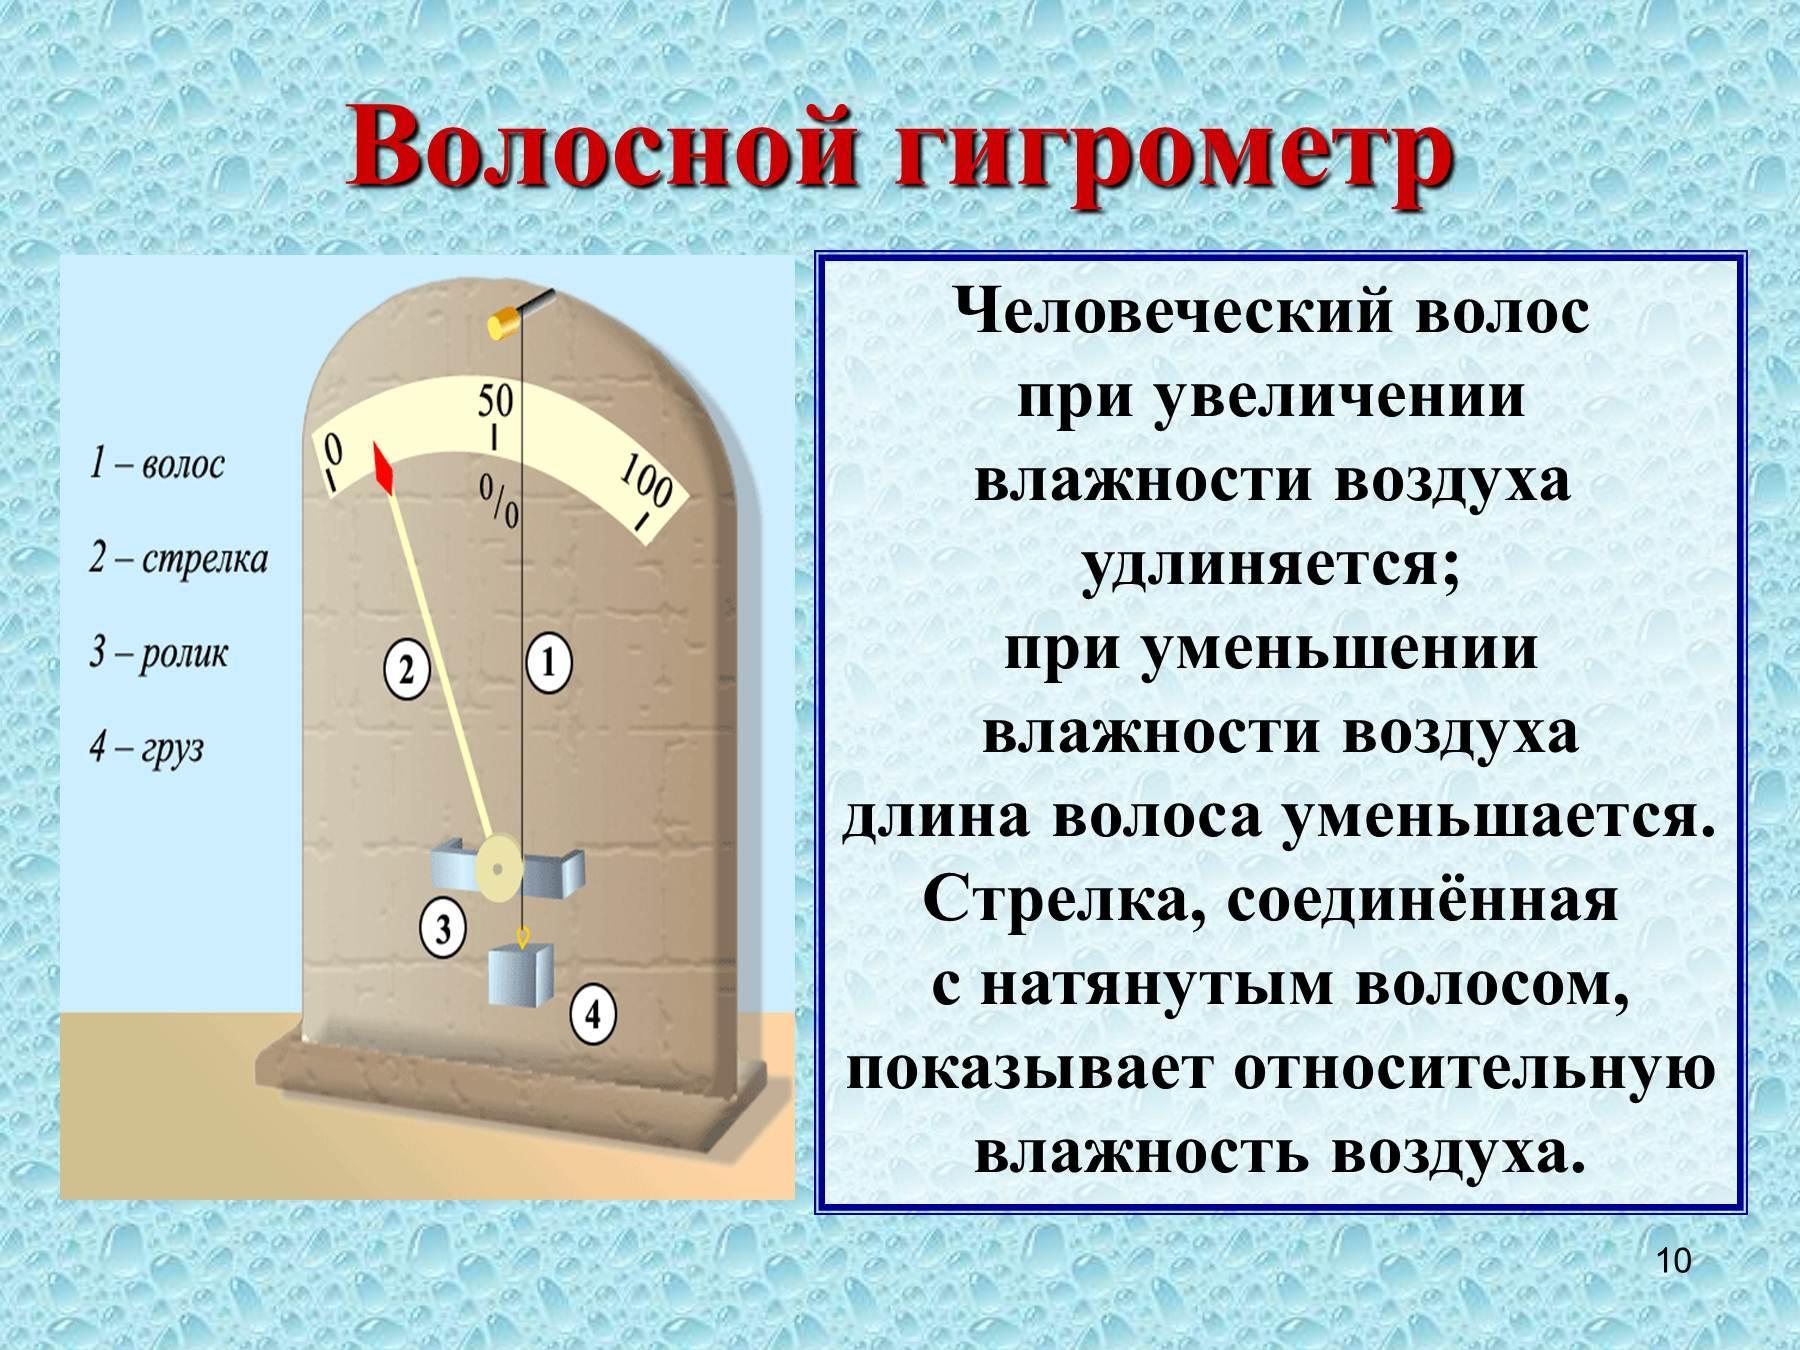 Два недорогих гигрометра - измерение влажности воздуха в 31